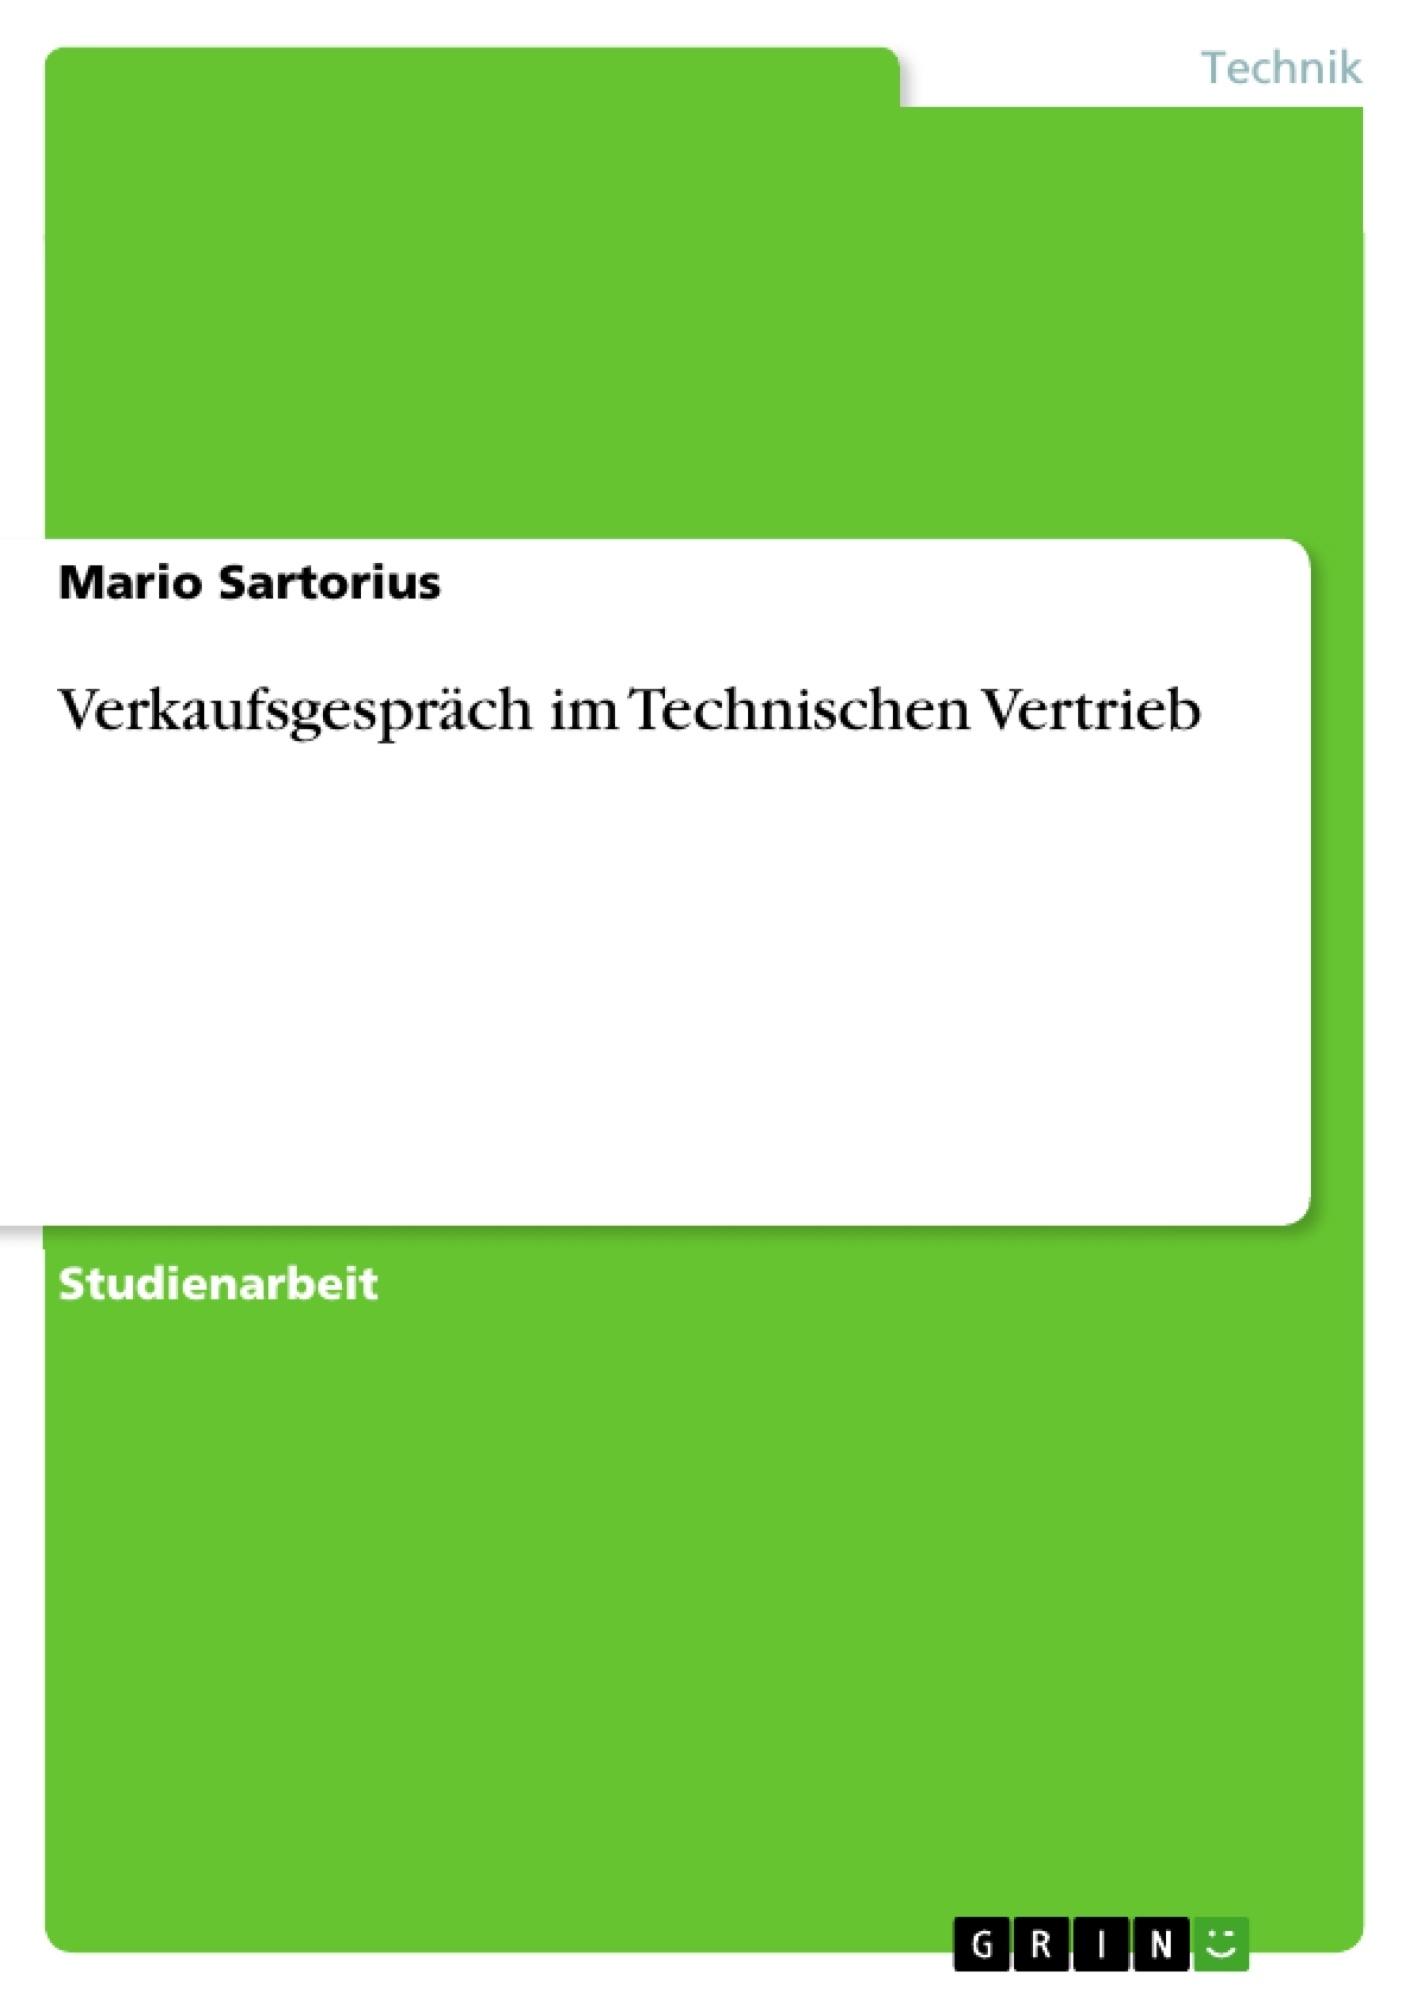 Titel: Verkaufsgespräch im Technischen Vertrieb